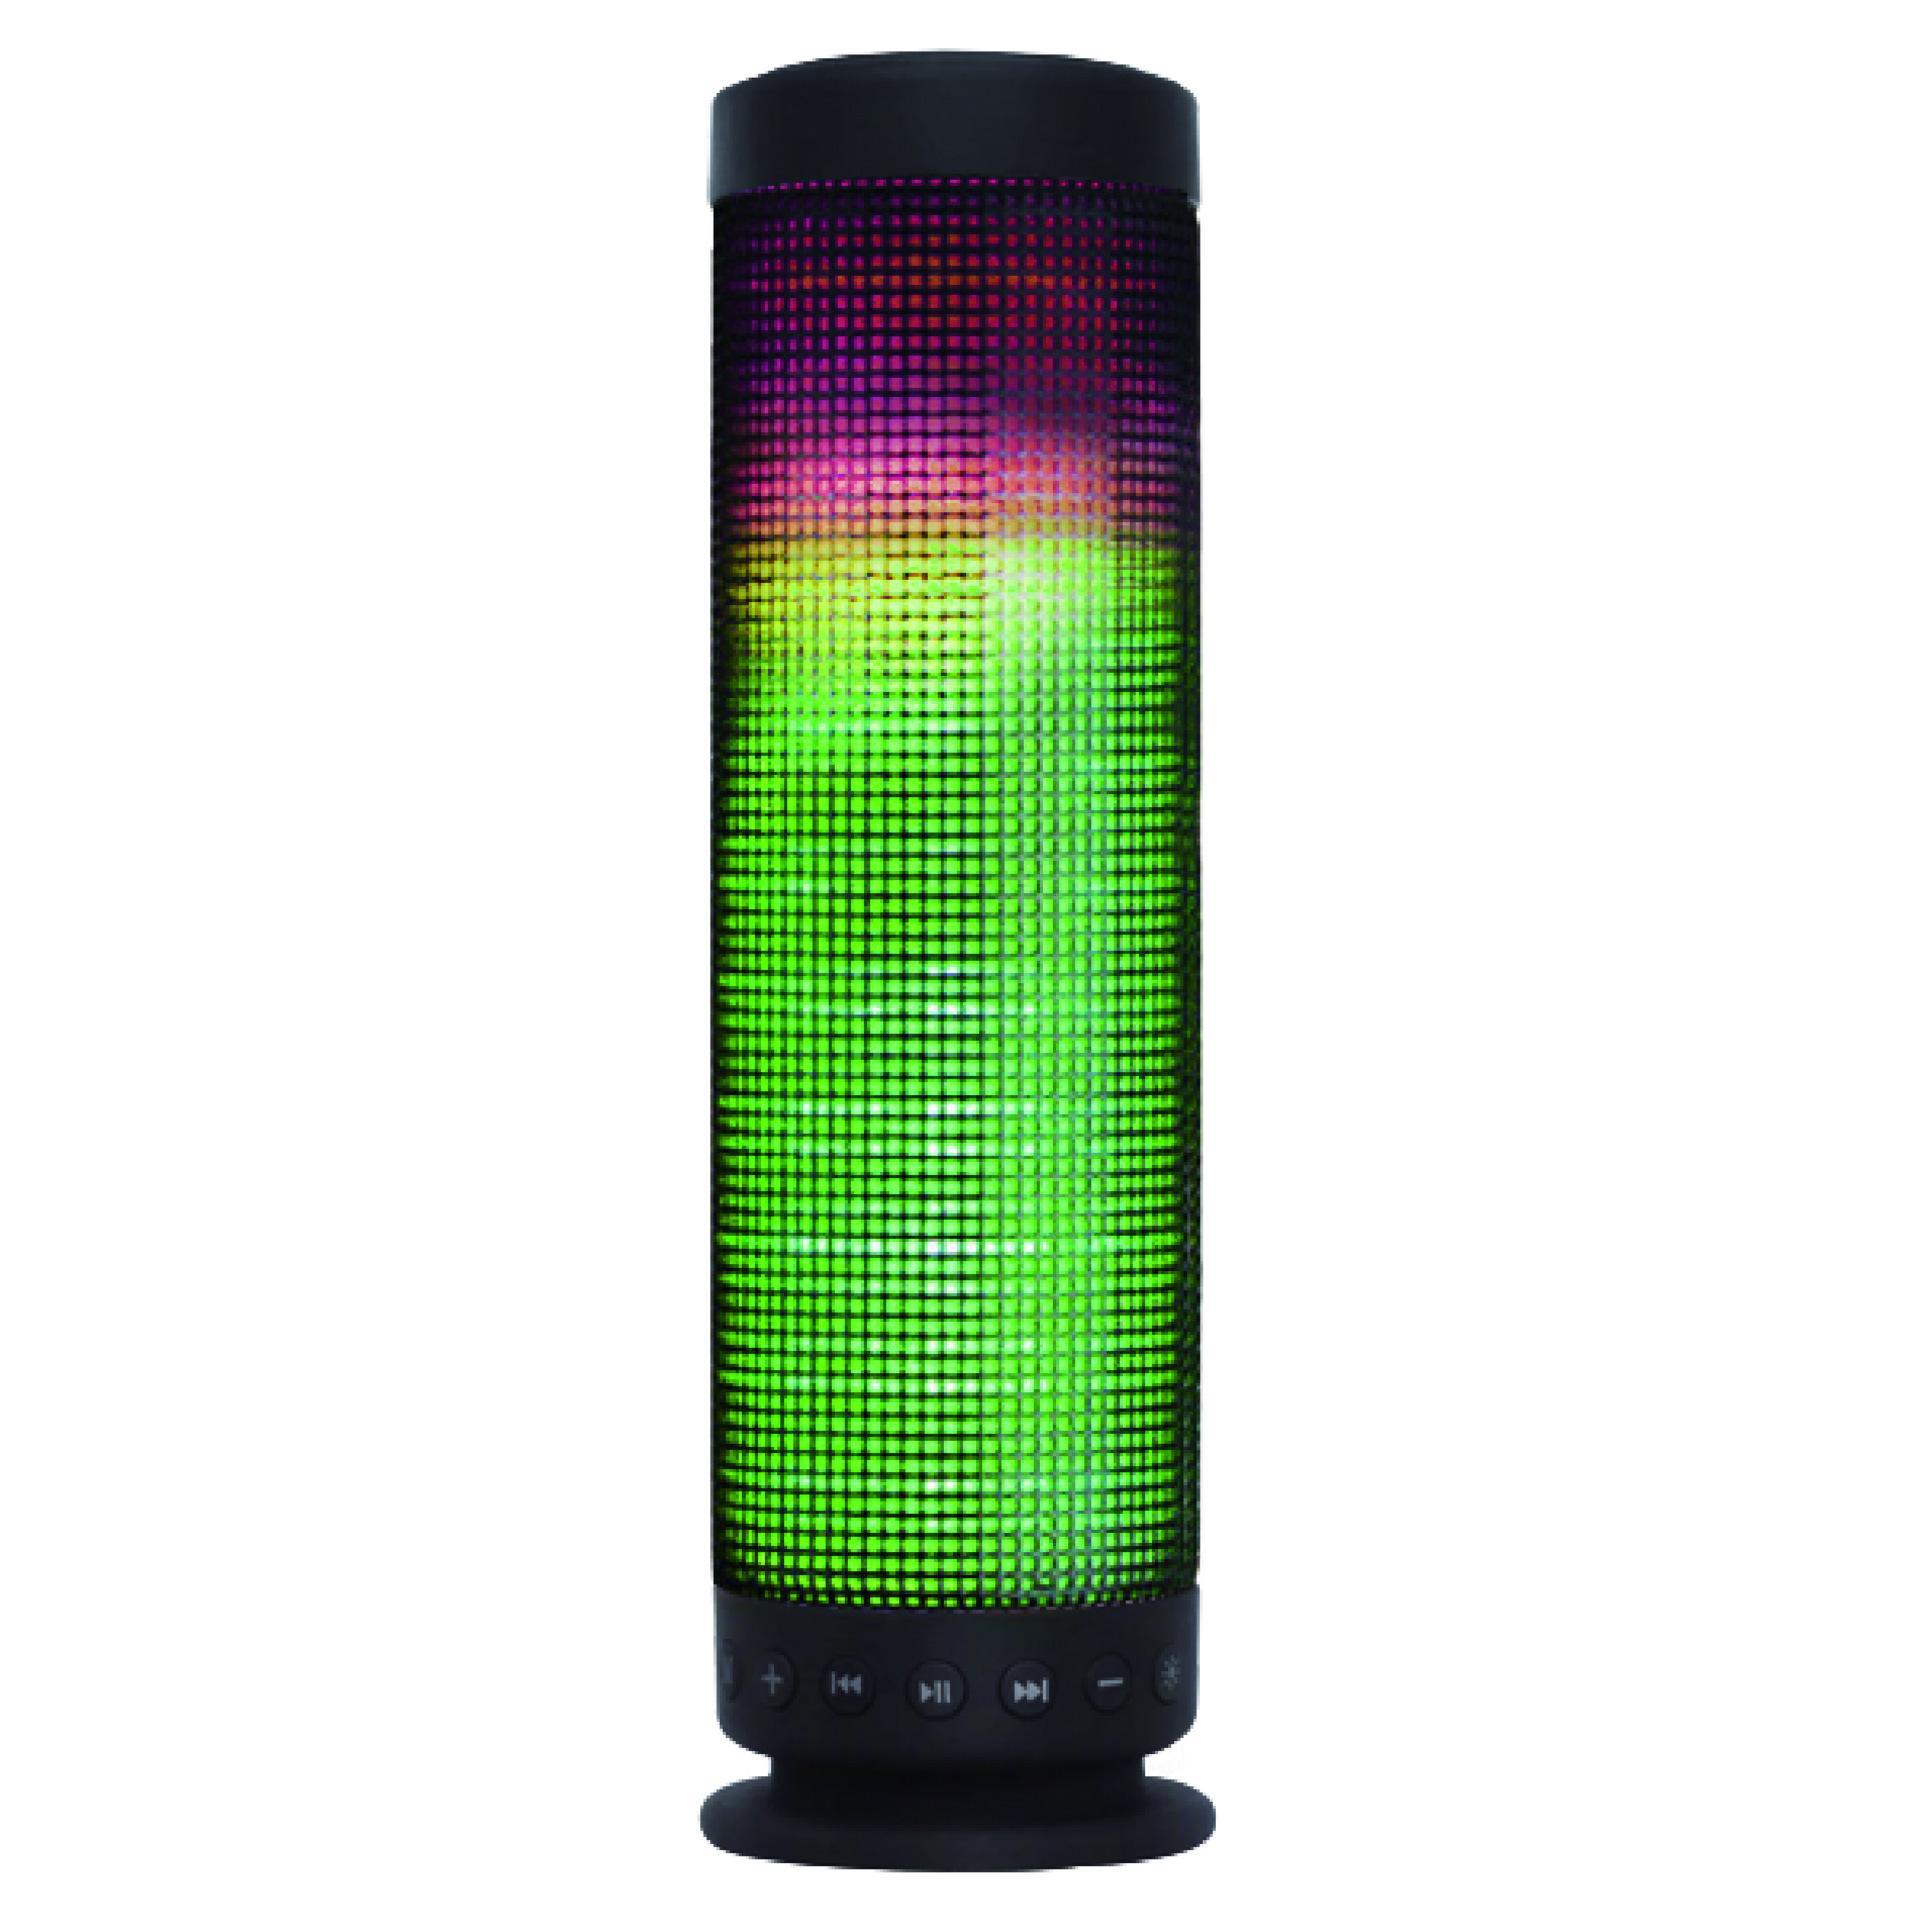 Avec Fil Qualité Sonore Ou Bluetooth Samsung Simple Parleur Sans Led Par Nfc V4 Lampe Haut Contact Exceptionnelle Connexion Pour 0 hQtrdCxs